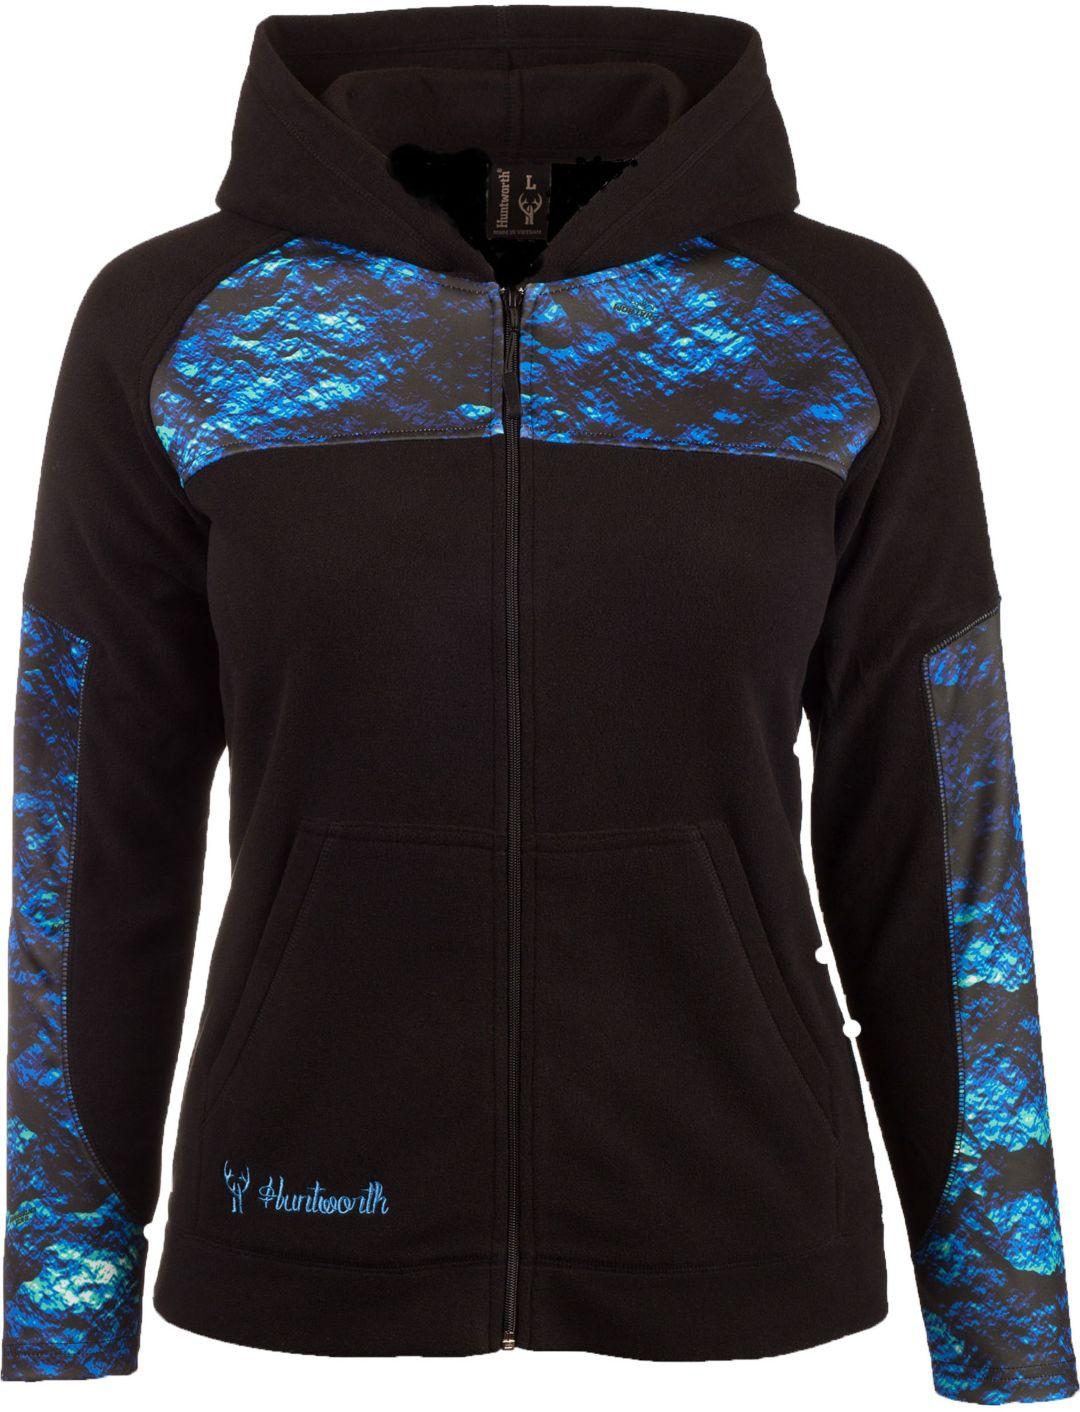 79090a9da9ac8 Huntworth Women's Hooded Fleece Jacket | Field & Stream